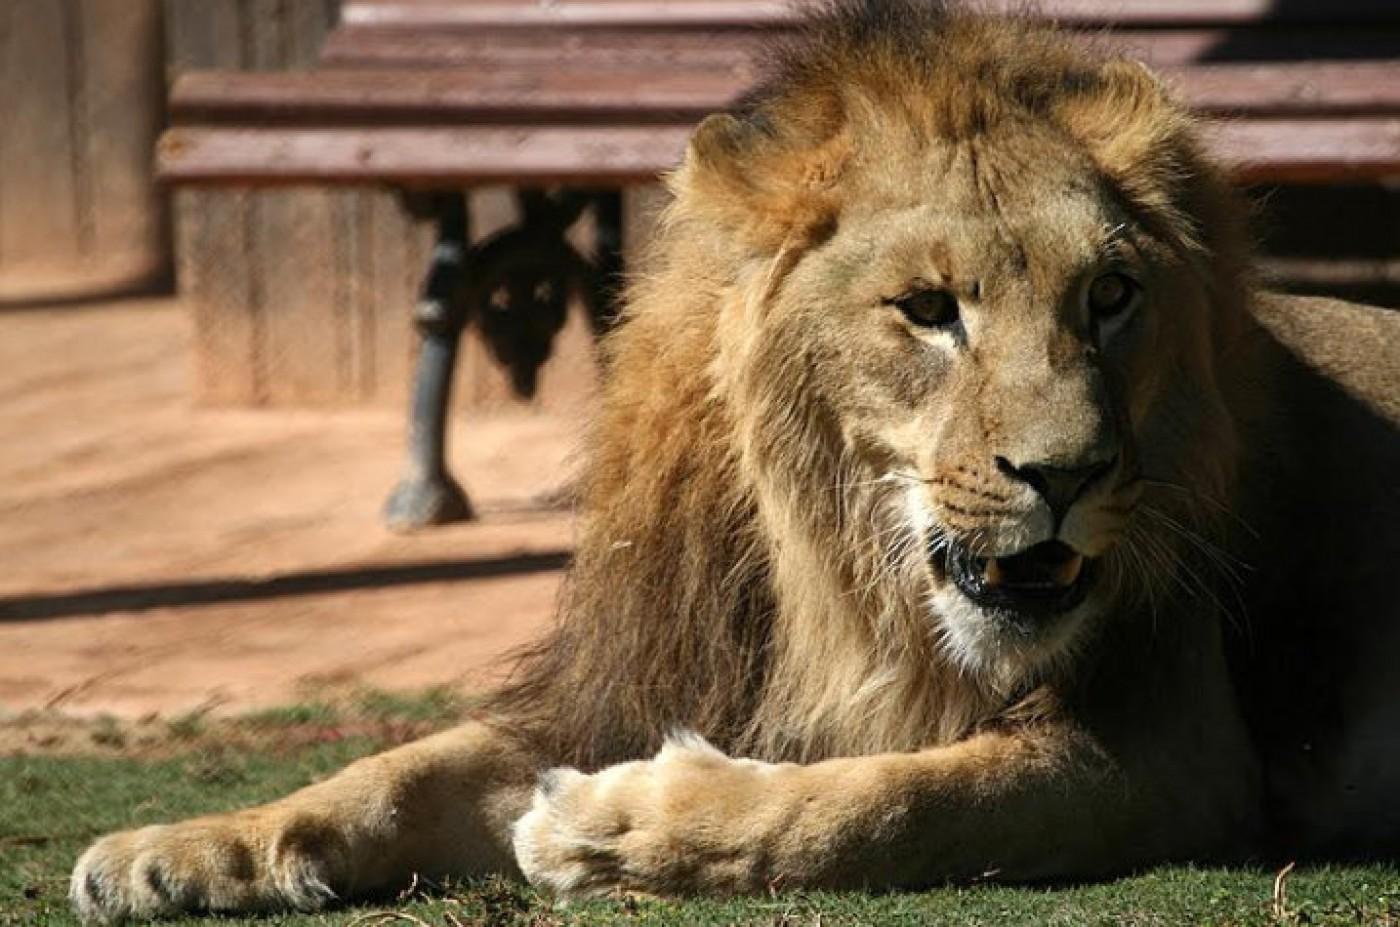 Terra Natura Murcia Animal & Wildlife Park